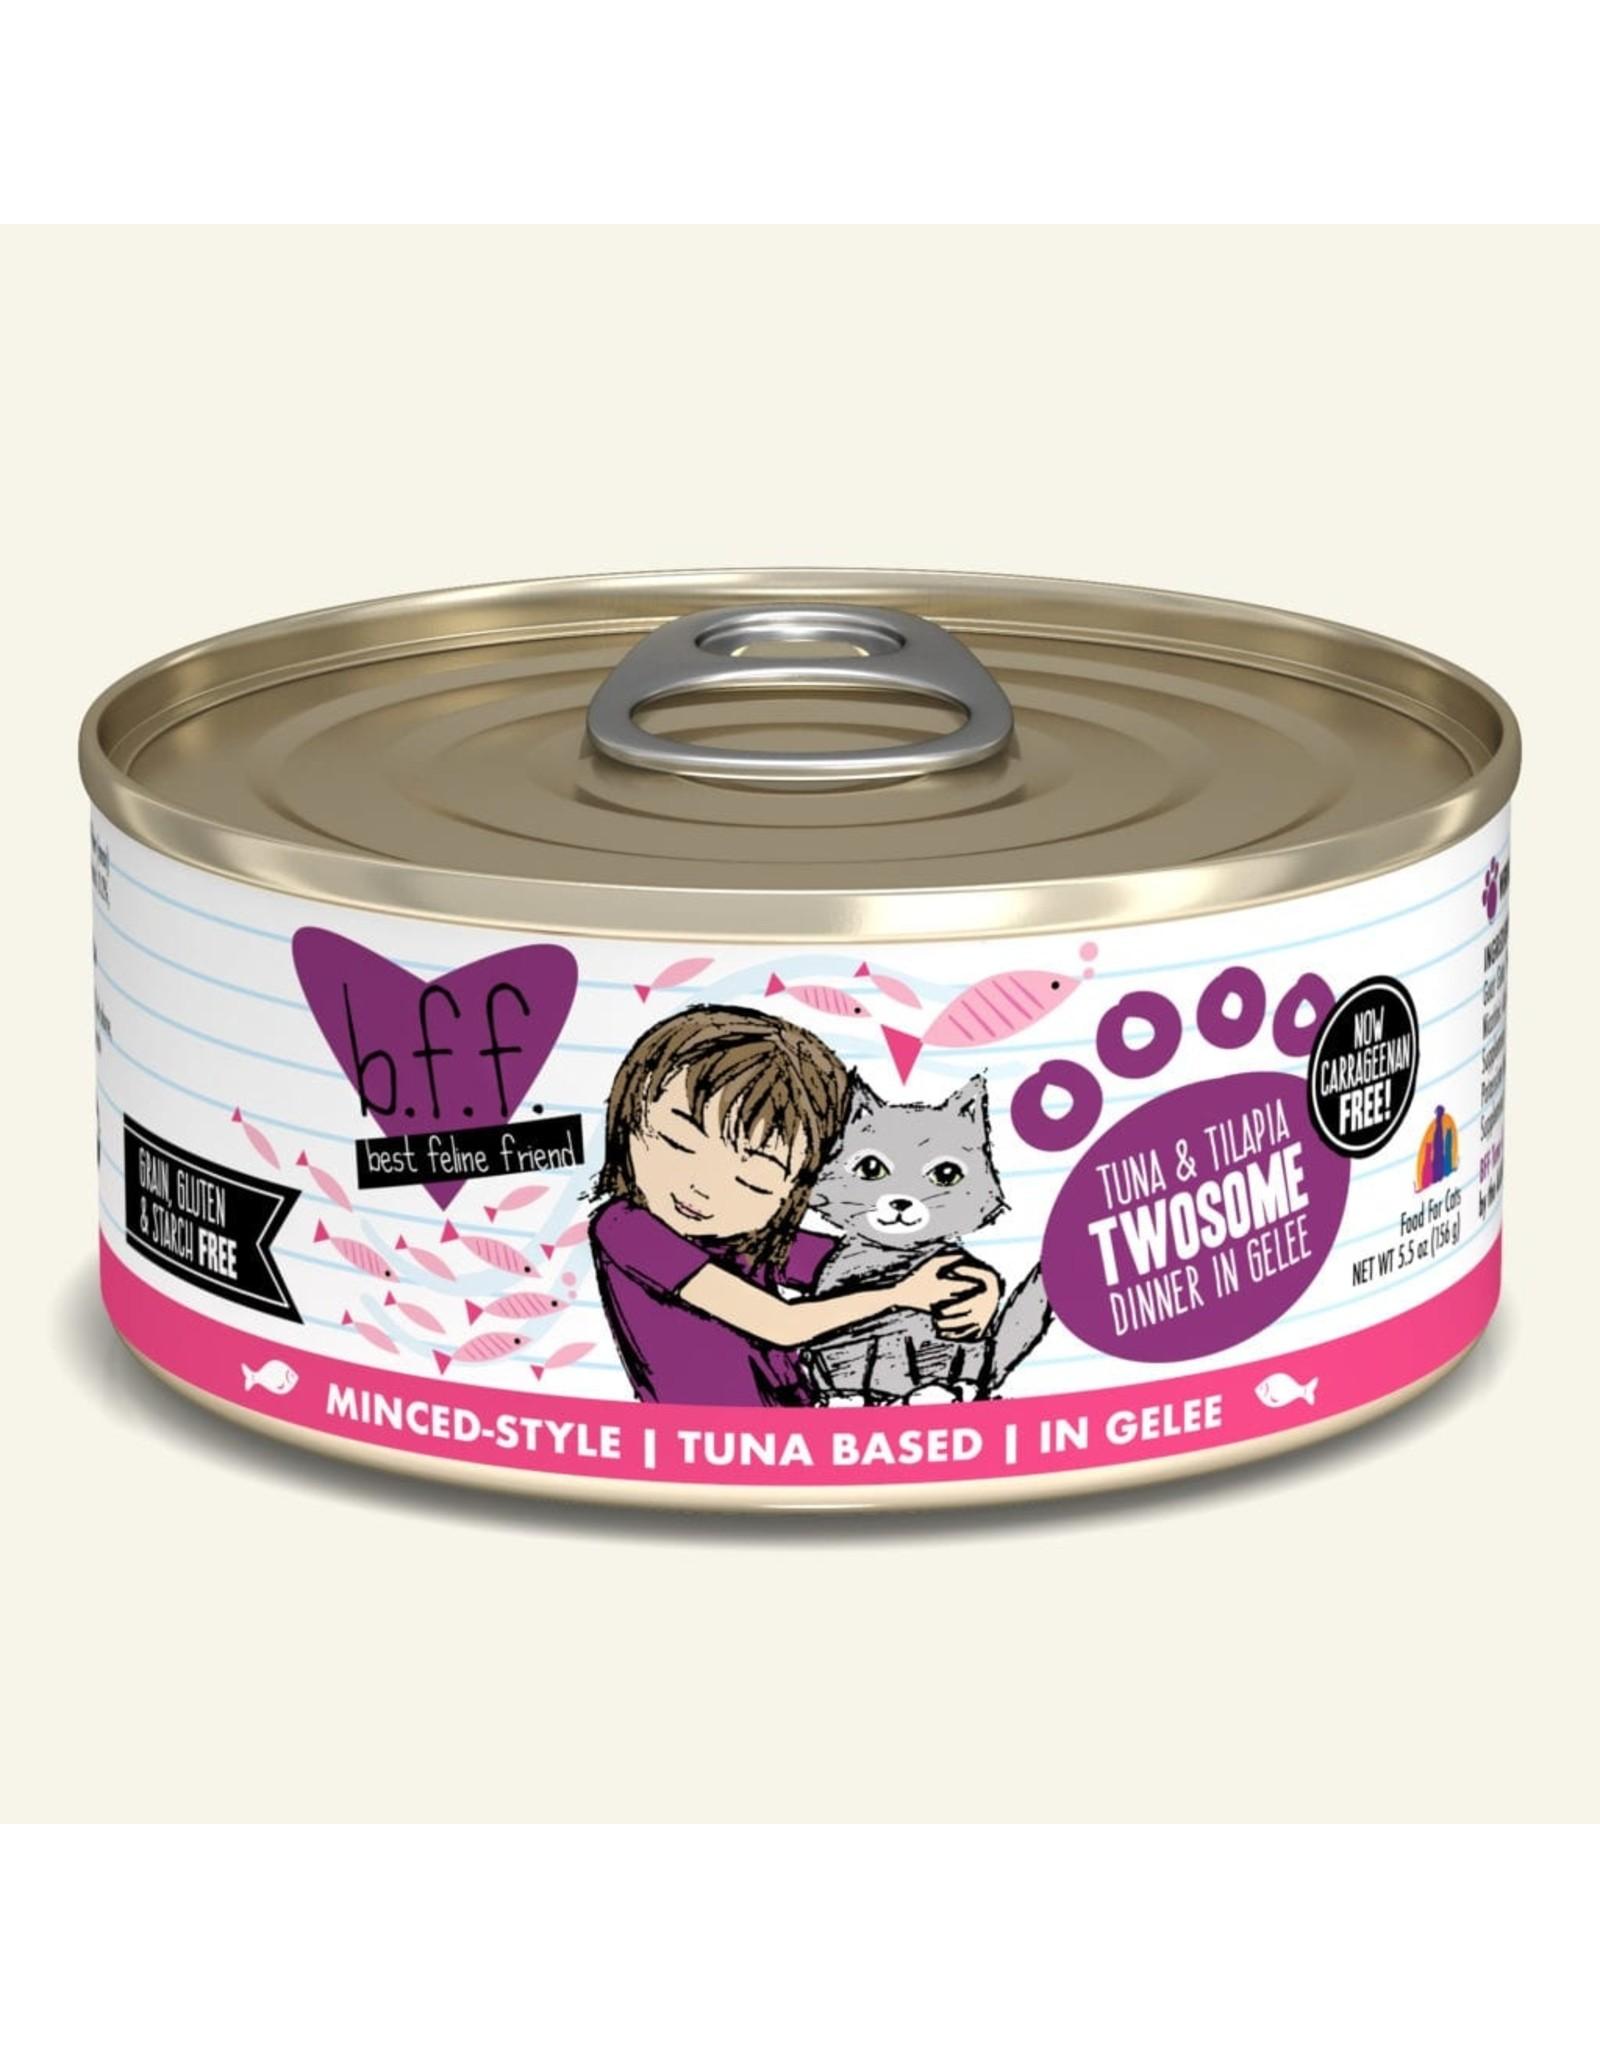 Weruva BFF Weruva B.F.F. Best Feline Friend Originals Wet Cat Food Twosome Tuna & Tilapia Dinner in Gelée 5.5oz Can